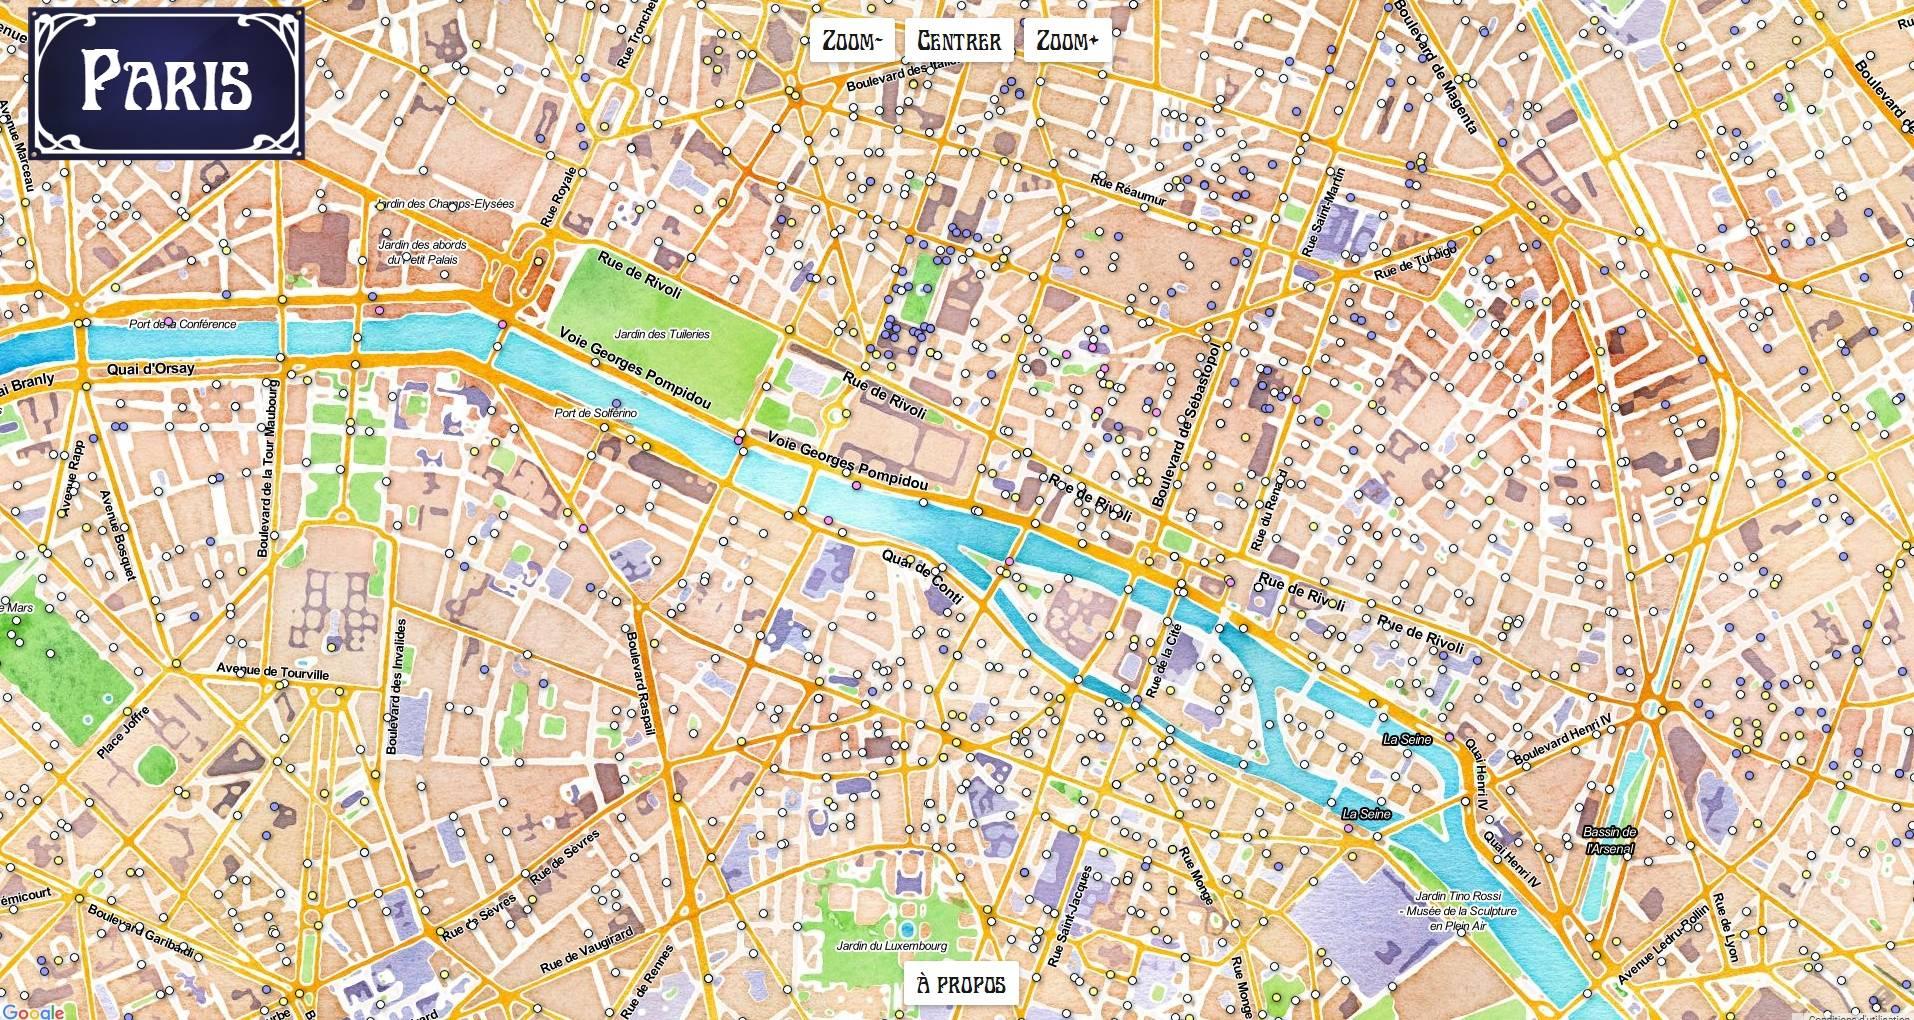 Paris une carte interactive pour conna tre l 39 histoire du for Piscine publique paris